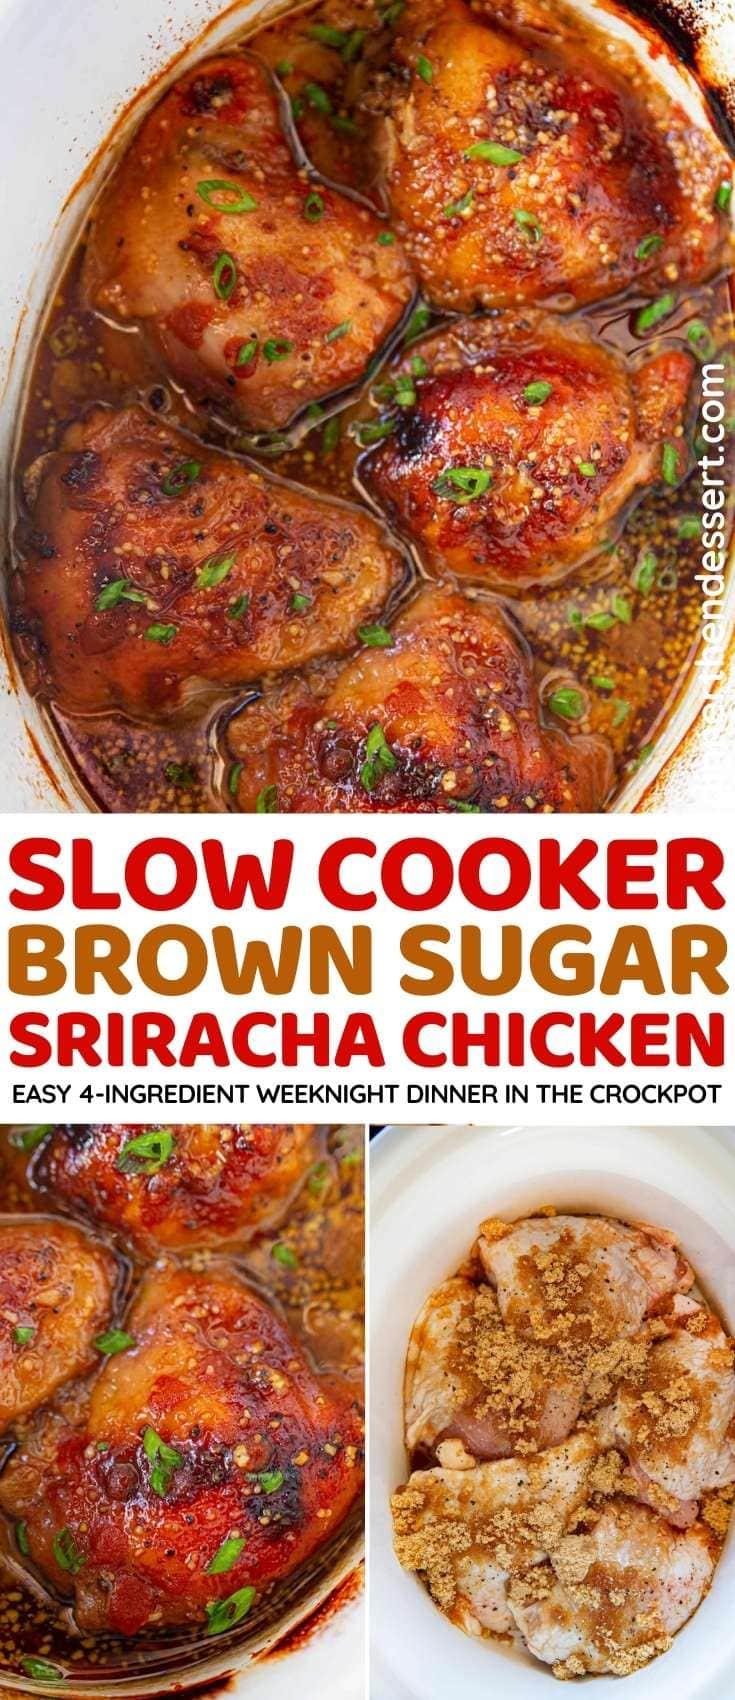 Slow Cooker Brown Sugar Sriracha Chicken collage